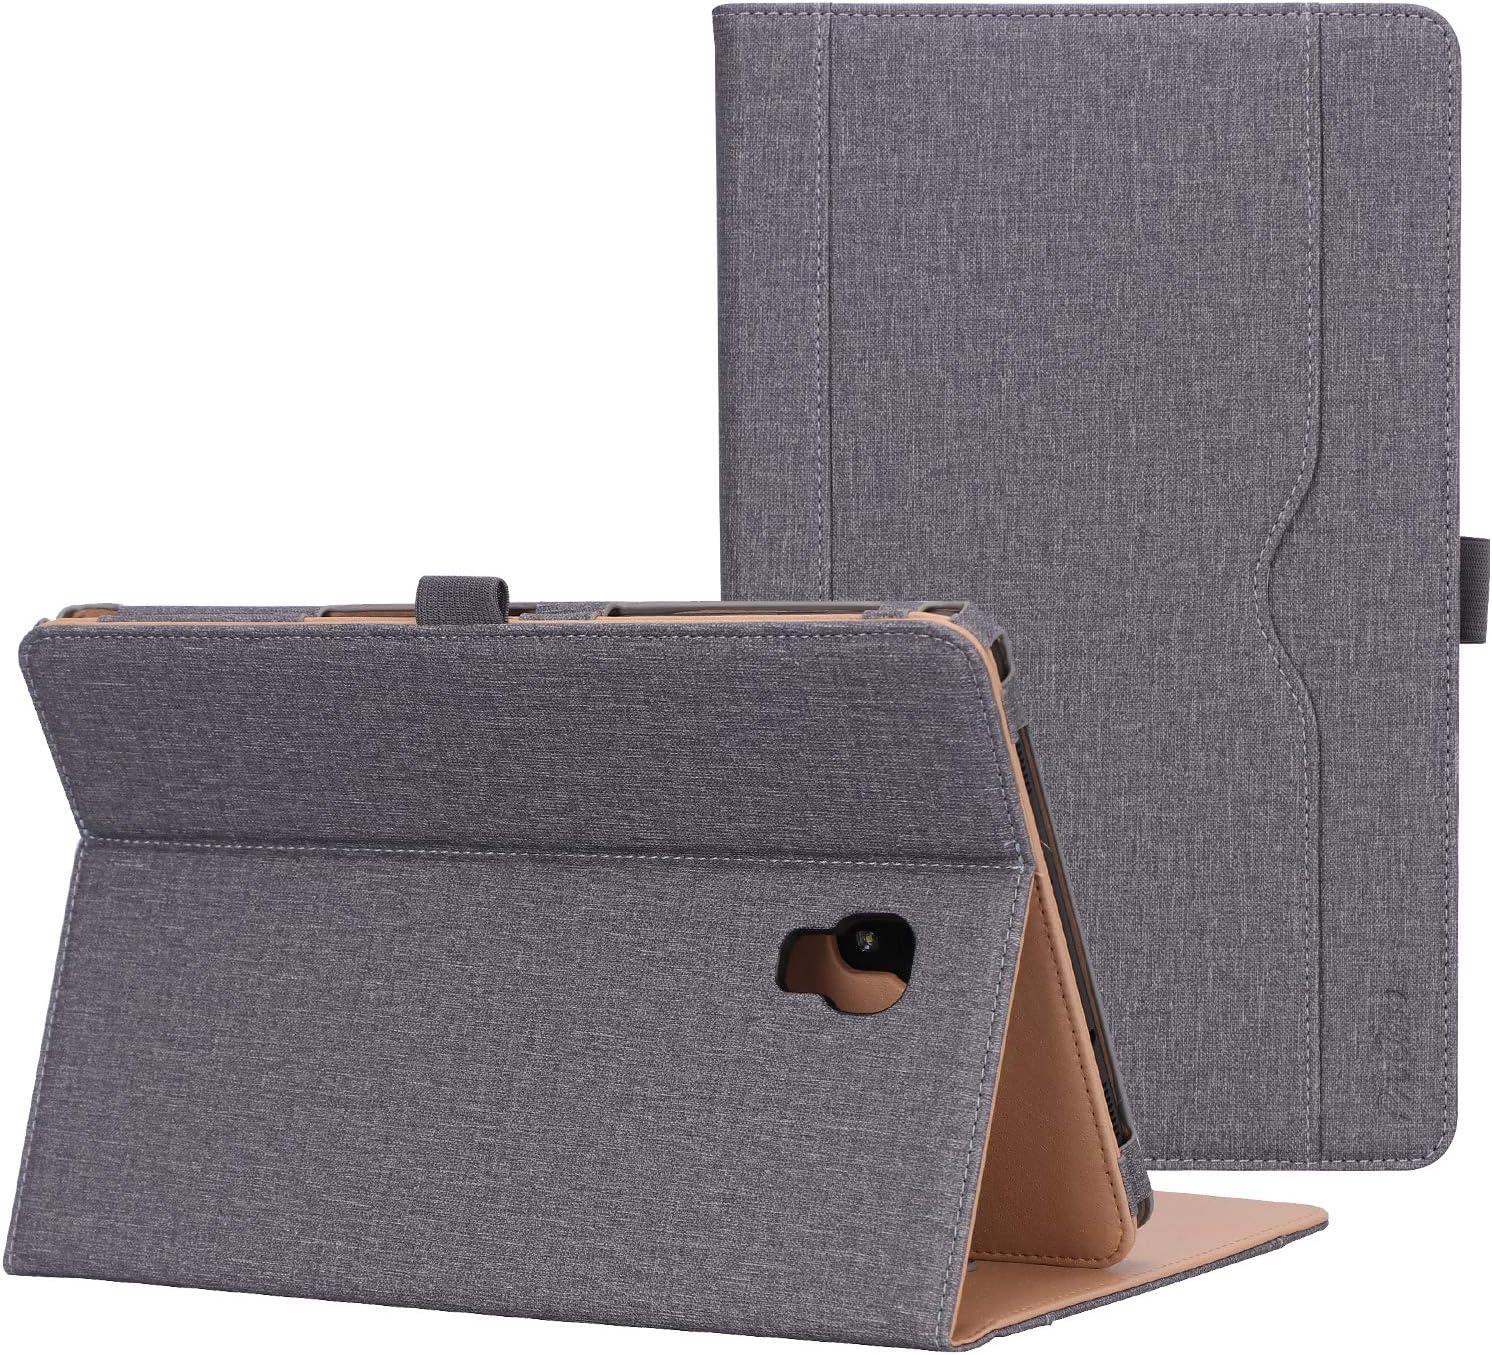 ProCase Funda Folio para Galaxy Tab A 10.5 SM-T590/T595/T597 ...